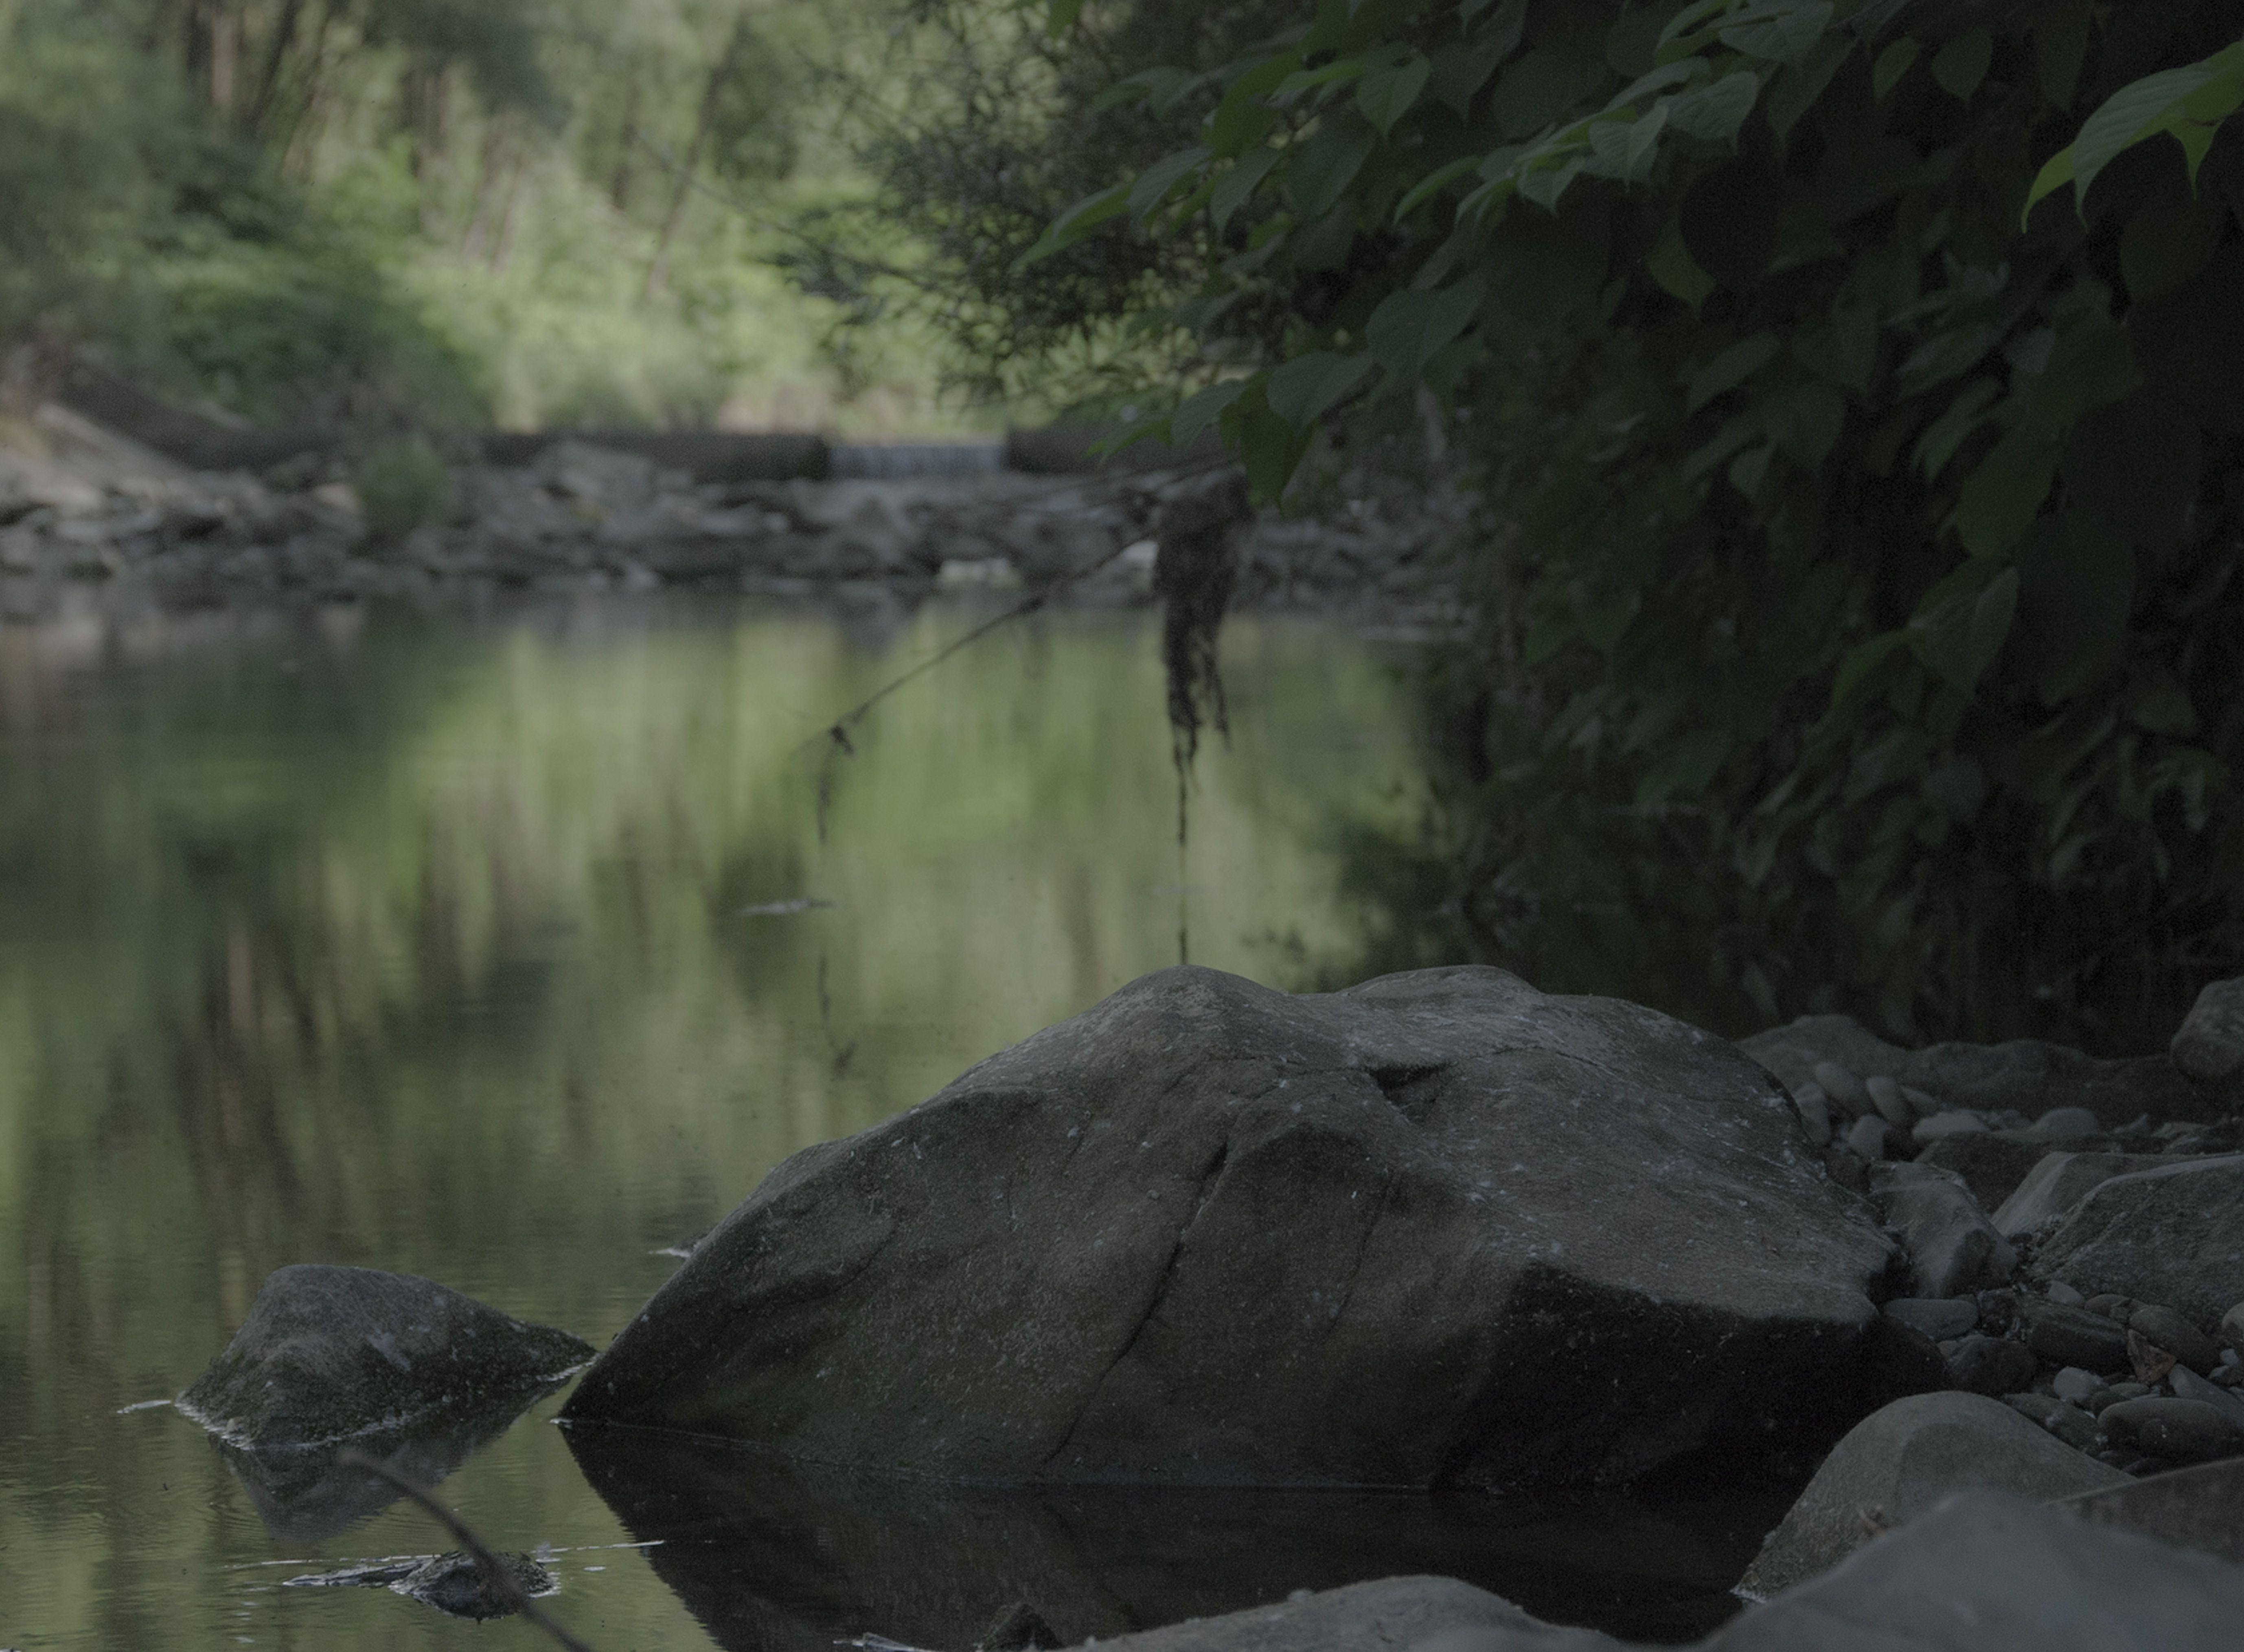 Myśli ujarzmione w ciszy spełnienia Łopian schronieniem dla ważki A kamień milczy  13. czerwca 2015 r.